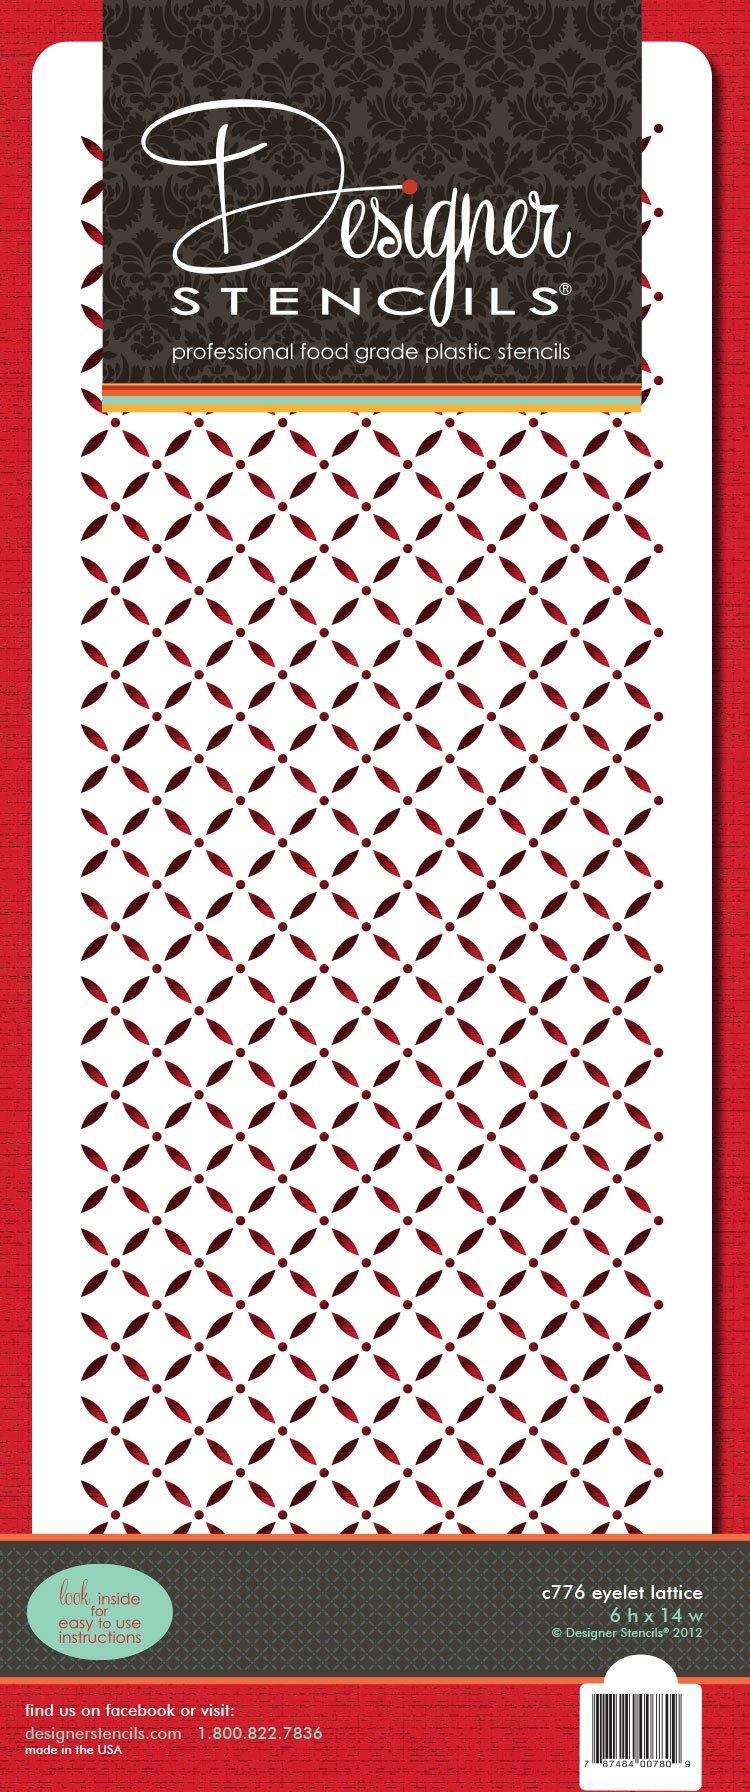 Designer Stencils C776 Eyelet Lattice Cake Stencil, Beige/semi-transparent by Designer Stencils (Image #2)